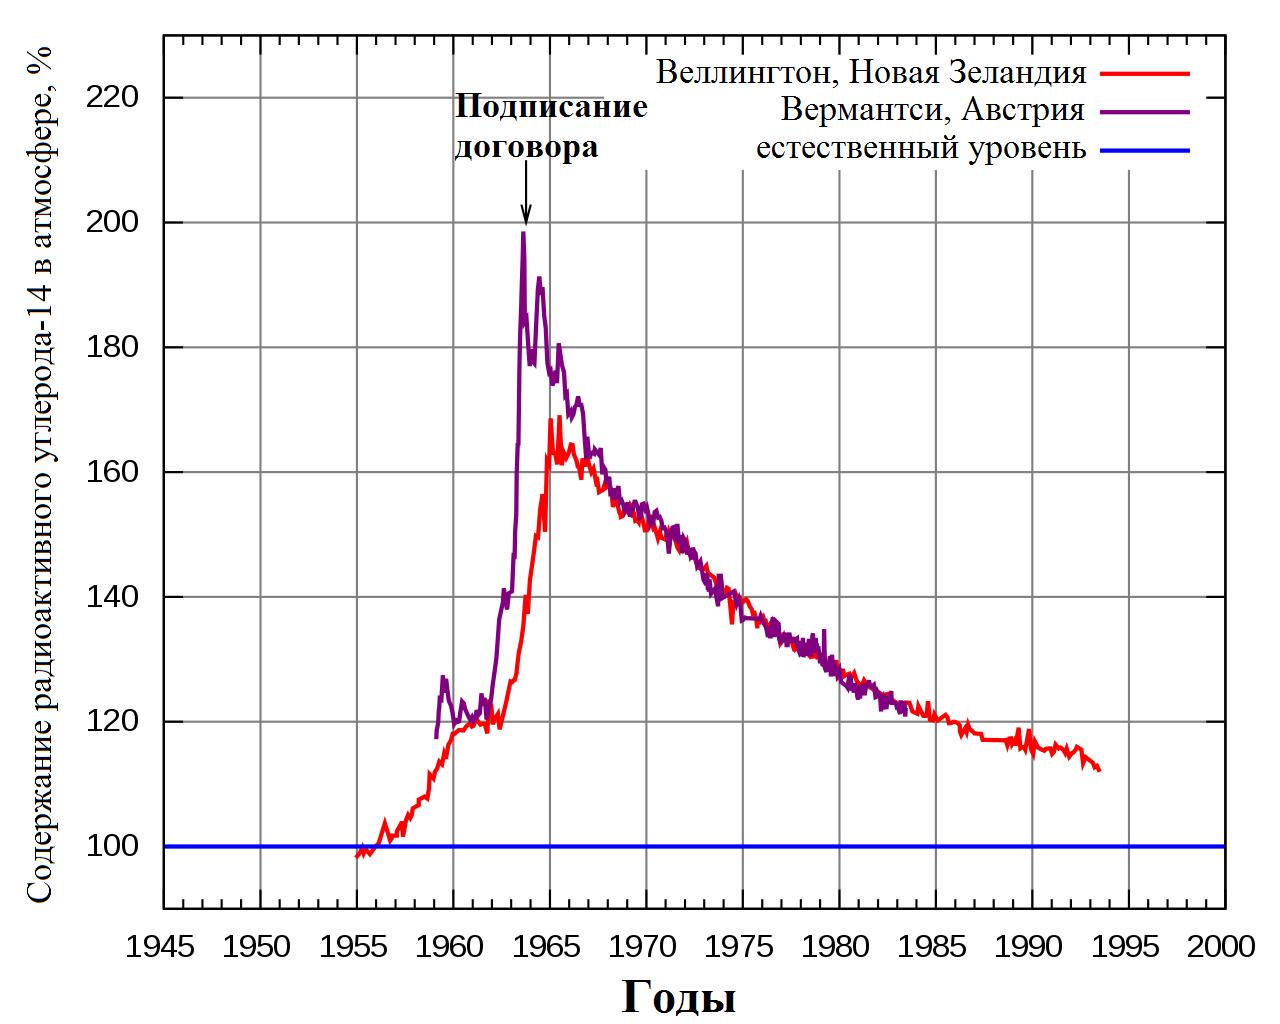 График изменения содержания радиоактивного углерода-14 в атмосфере относительно естественного уровня